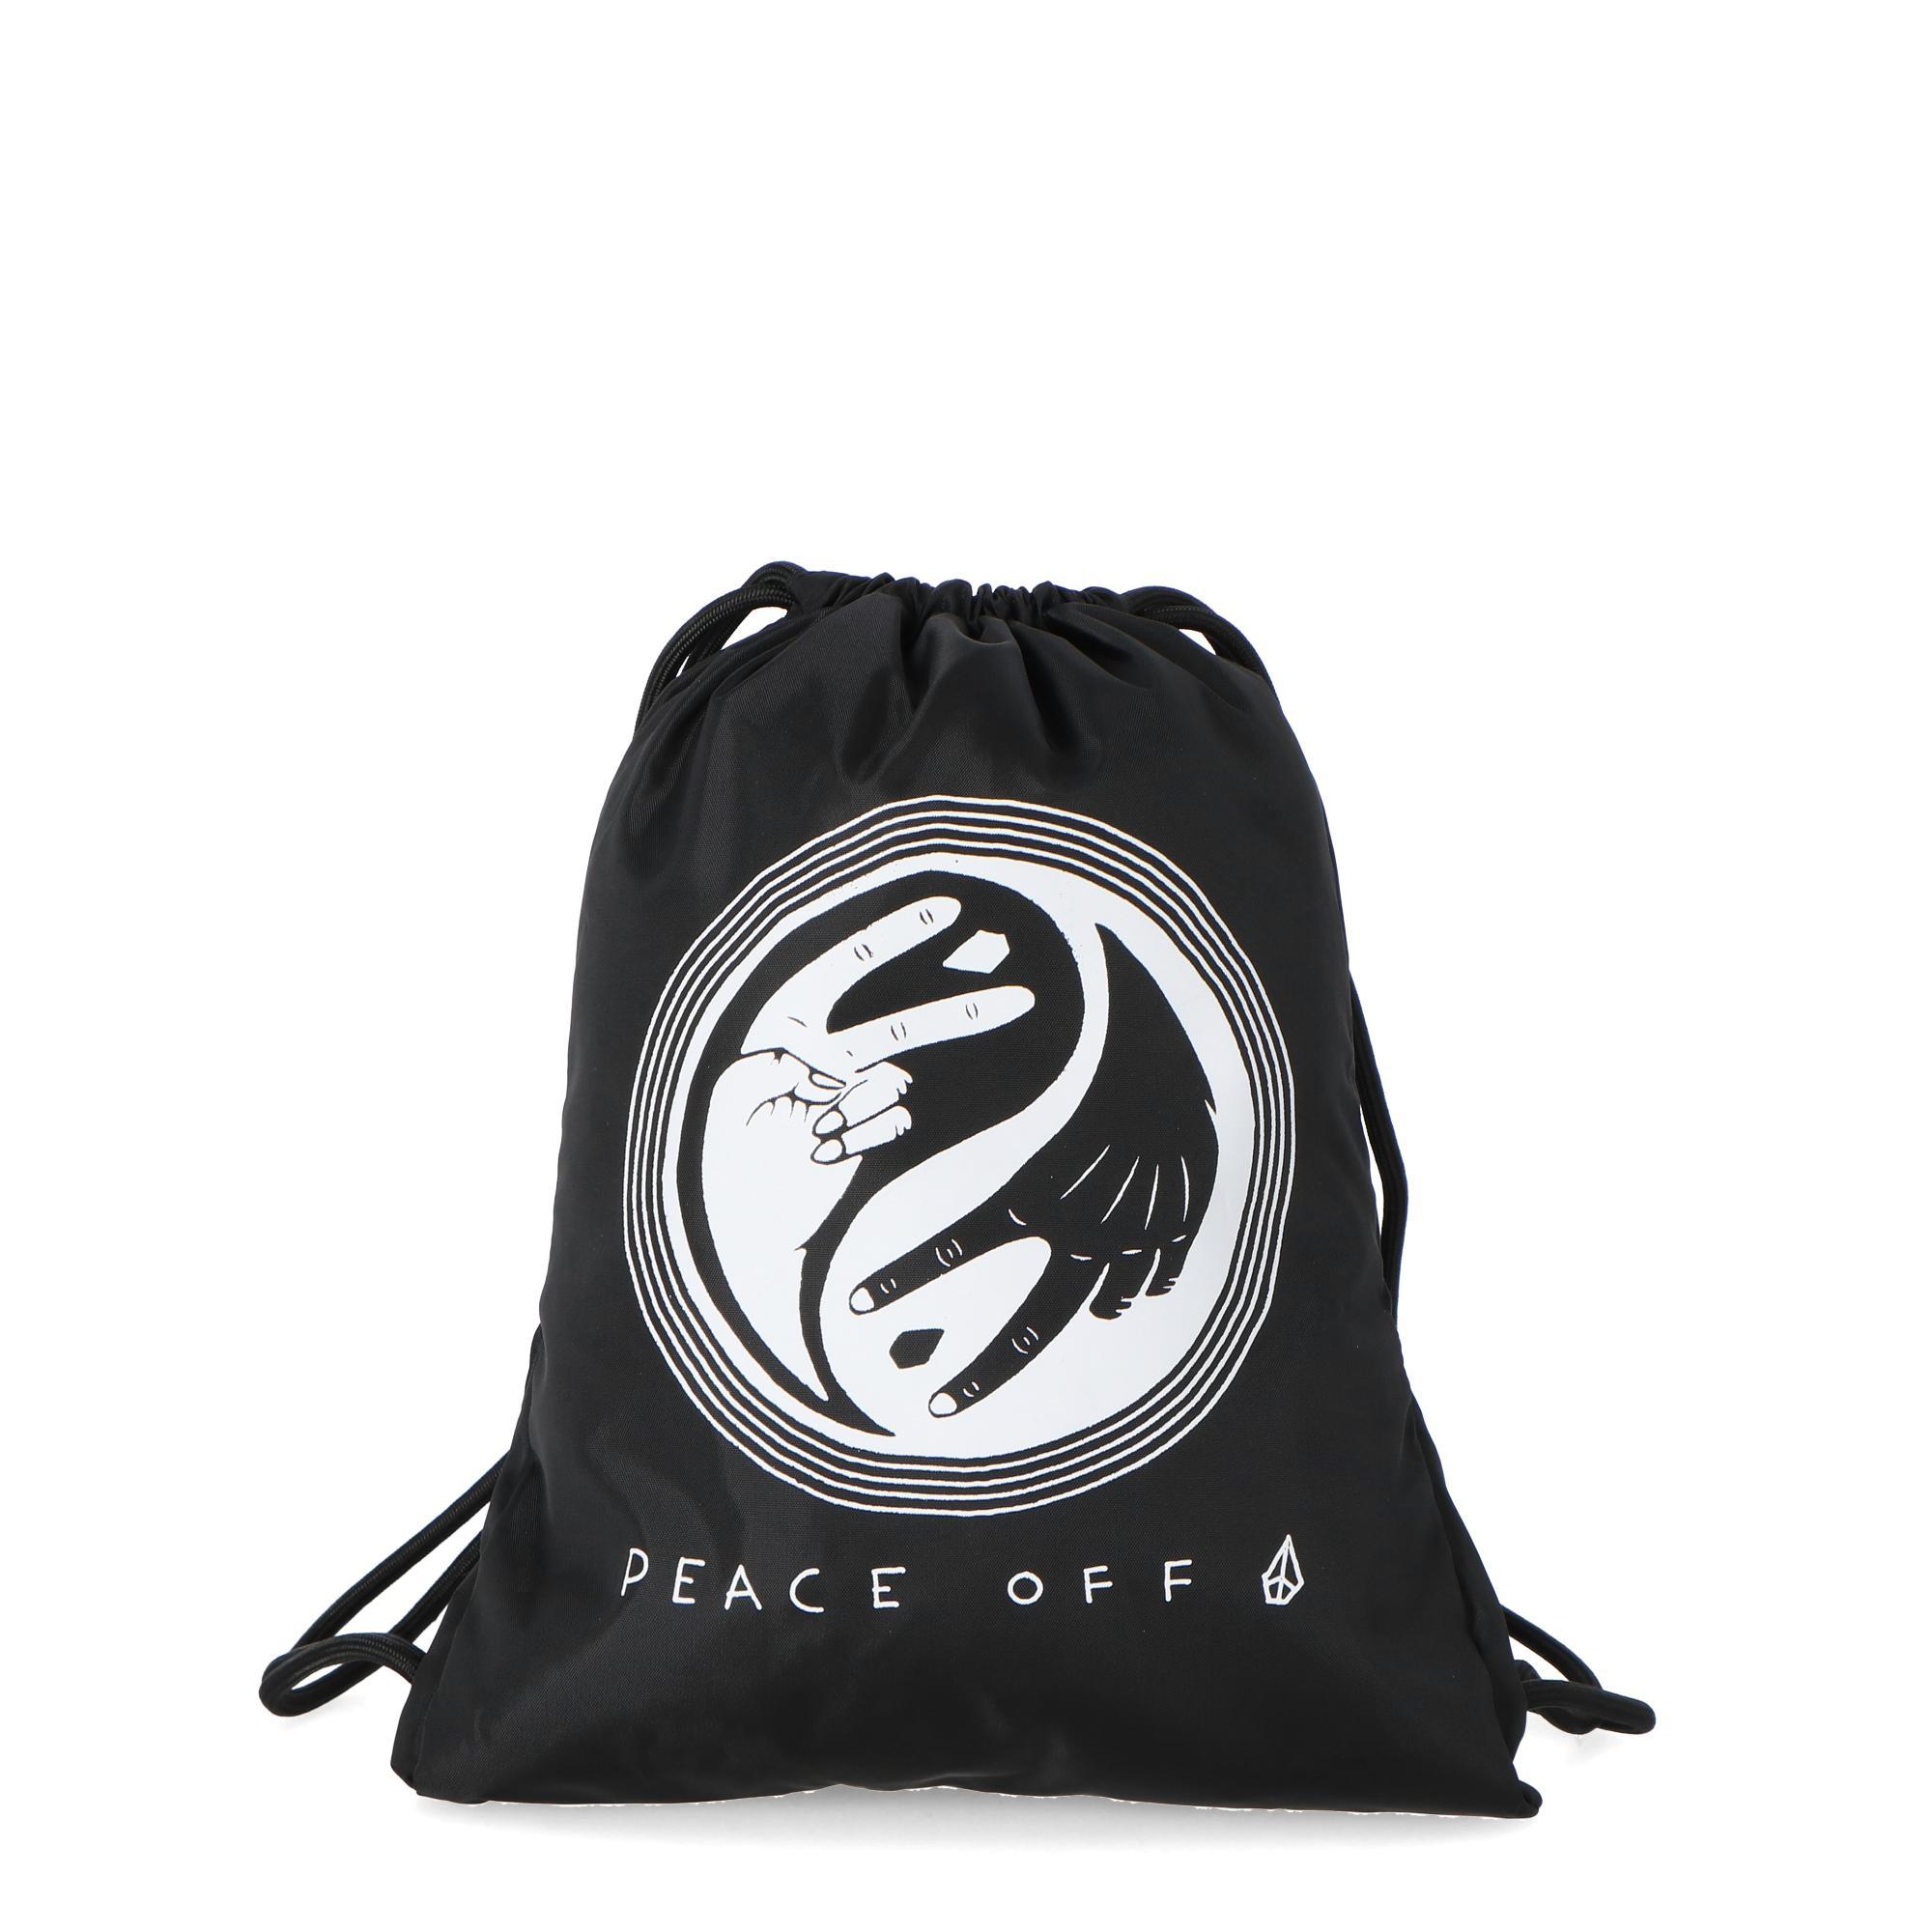 fe3bdbc4420 Volcom Easysack Bag Black | Treesse